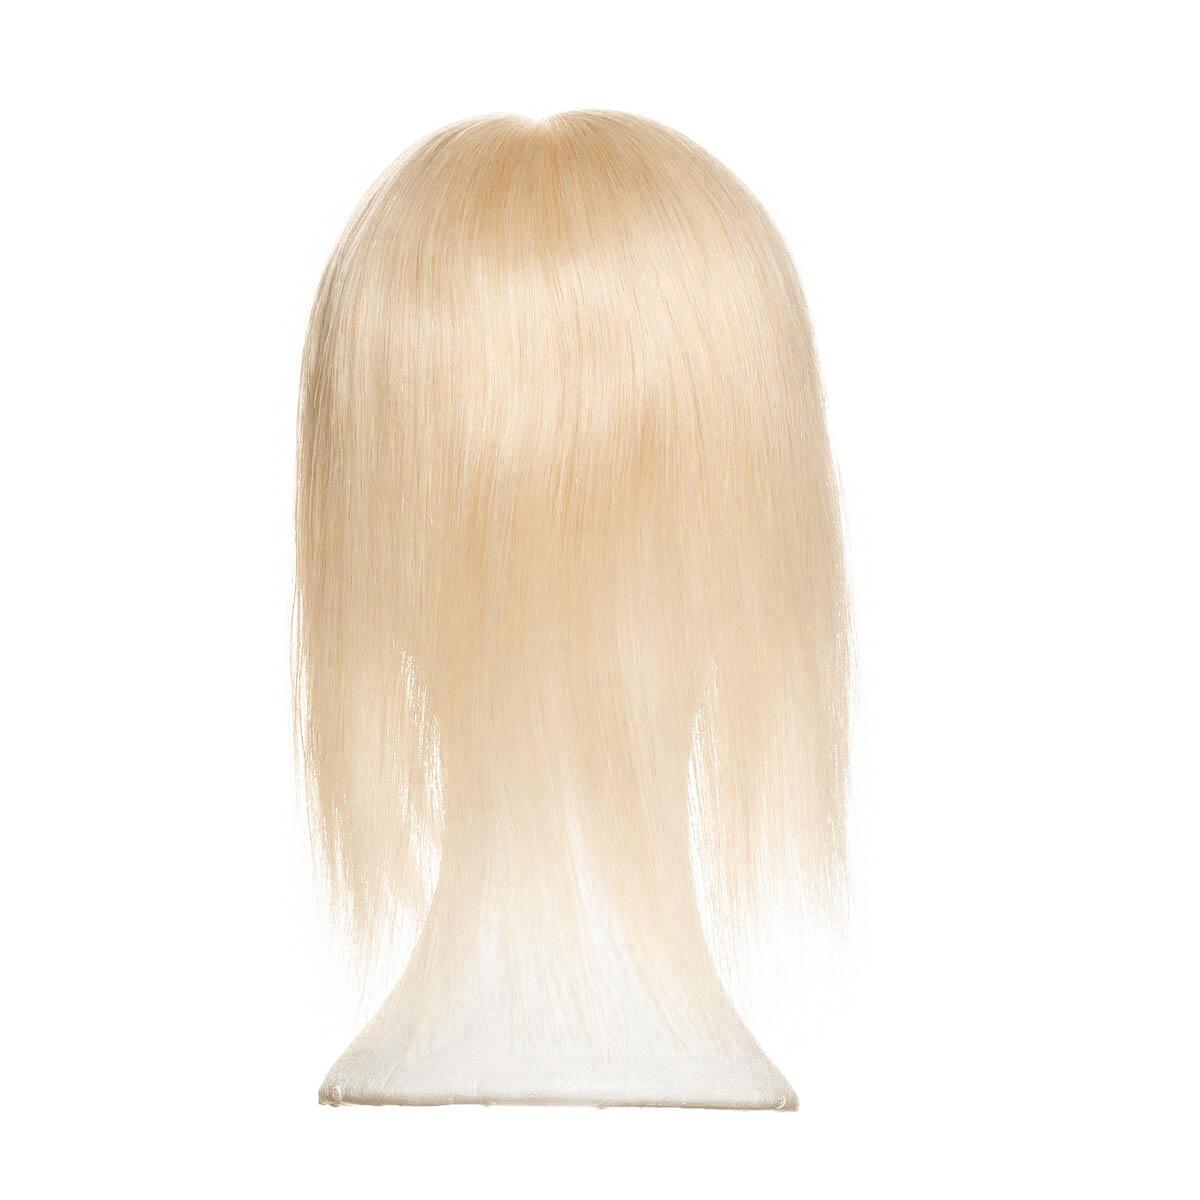 Top Piece 8.0 Light Golden Blonde 30 cm